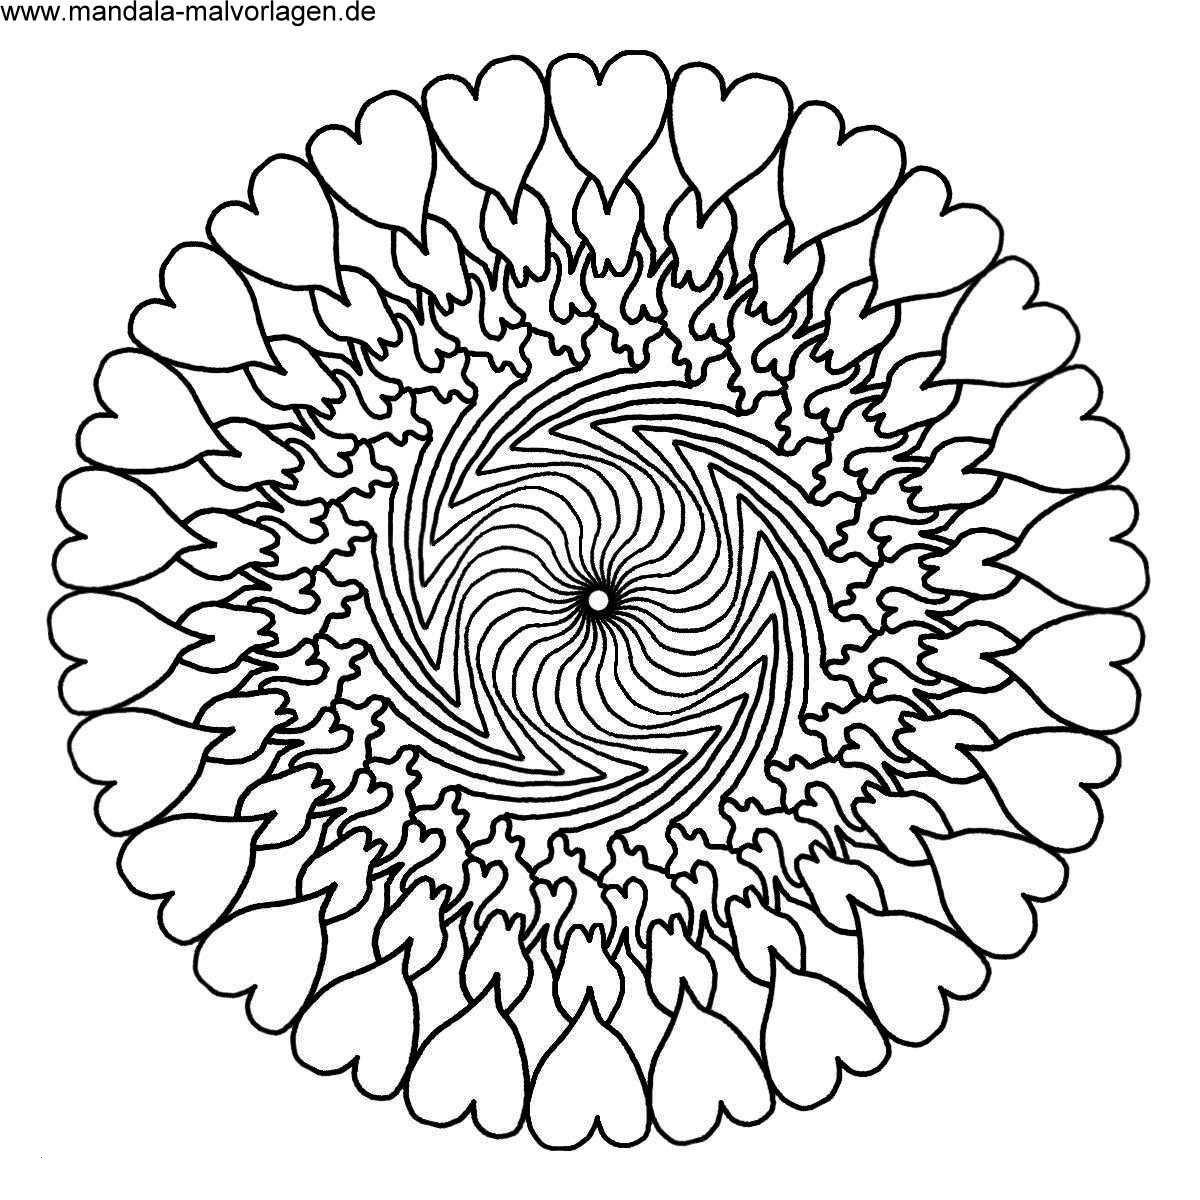 Ausmalbilder Mandala Herzen Das Beste Von Malvorlagen Igel Frisch Igel Grundschule 0d Archives Uploadertalk Galerie